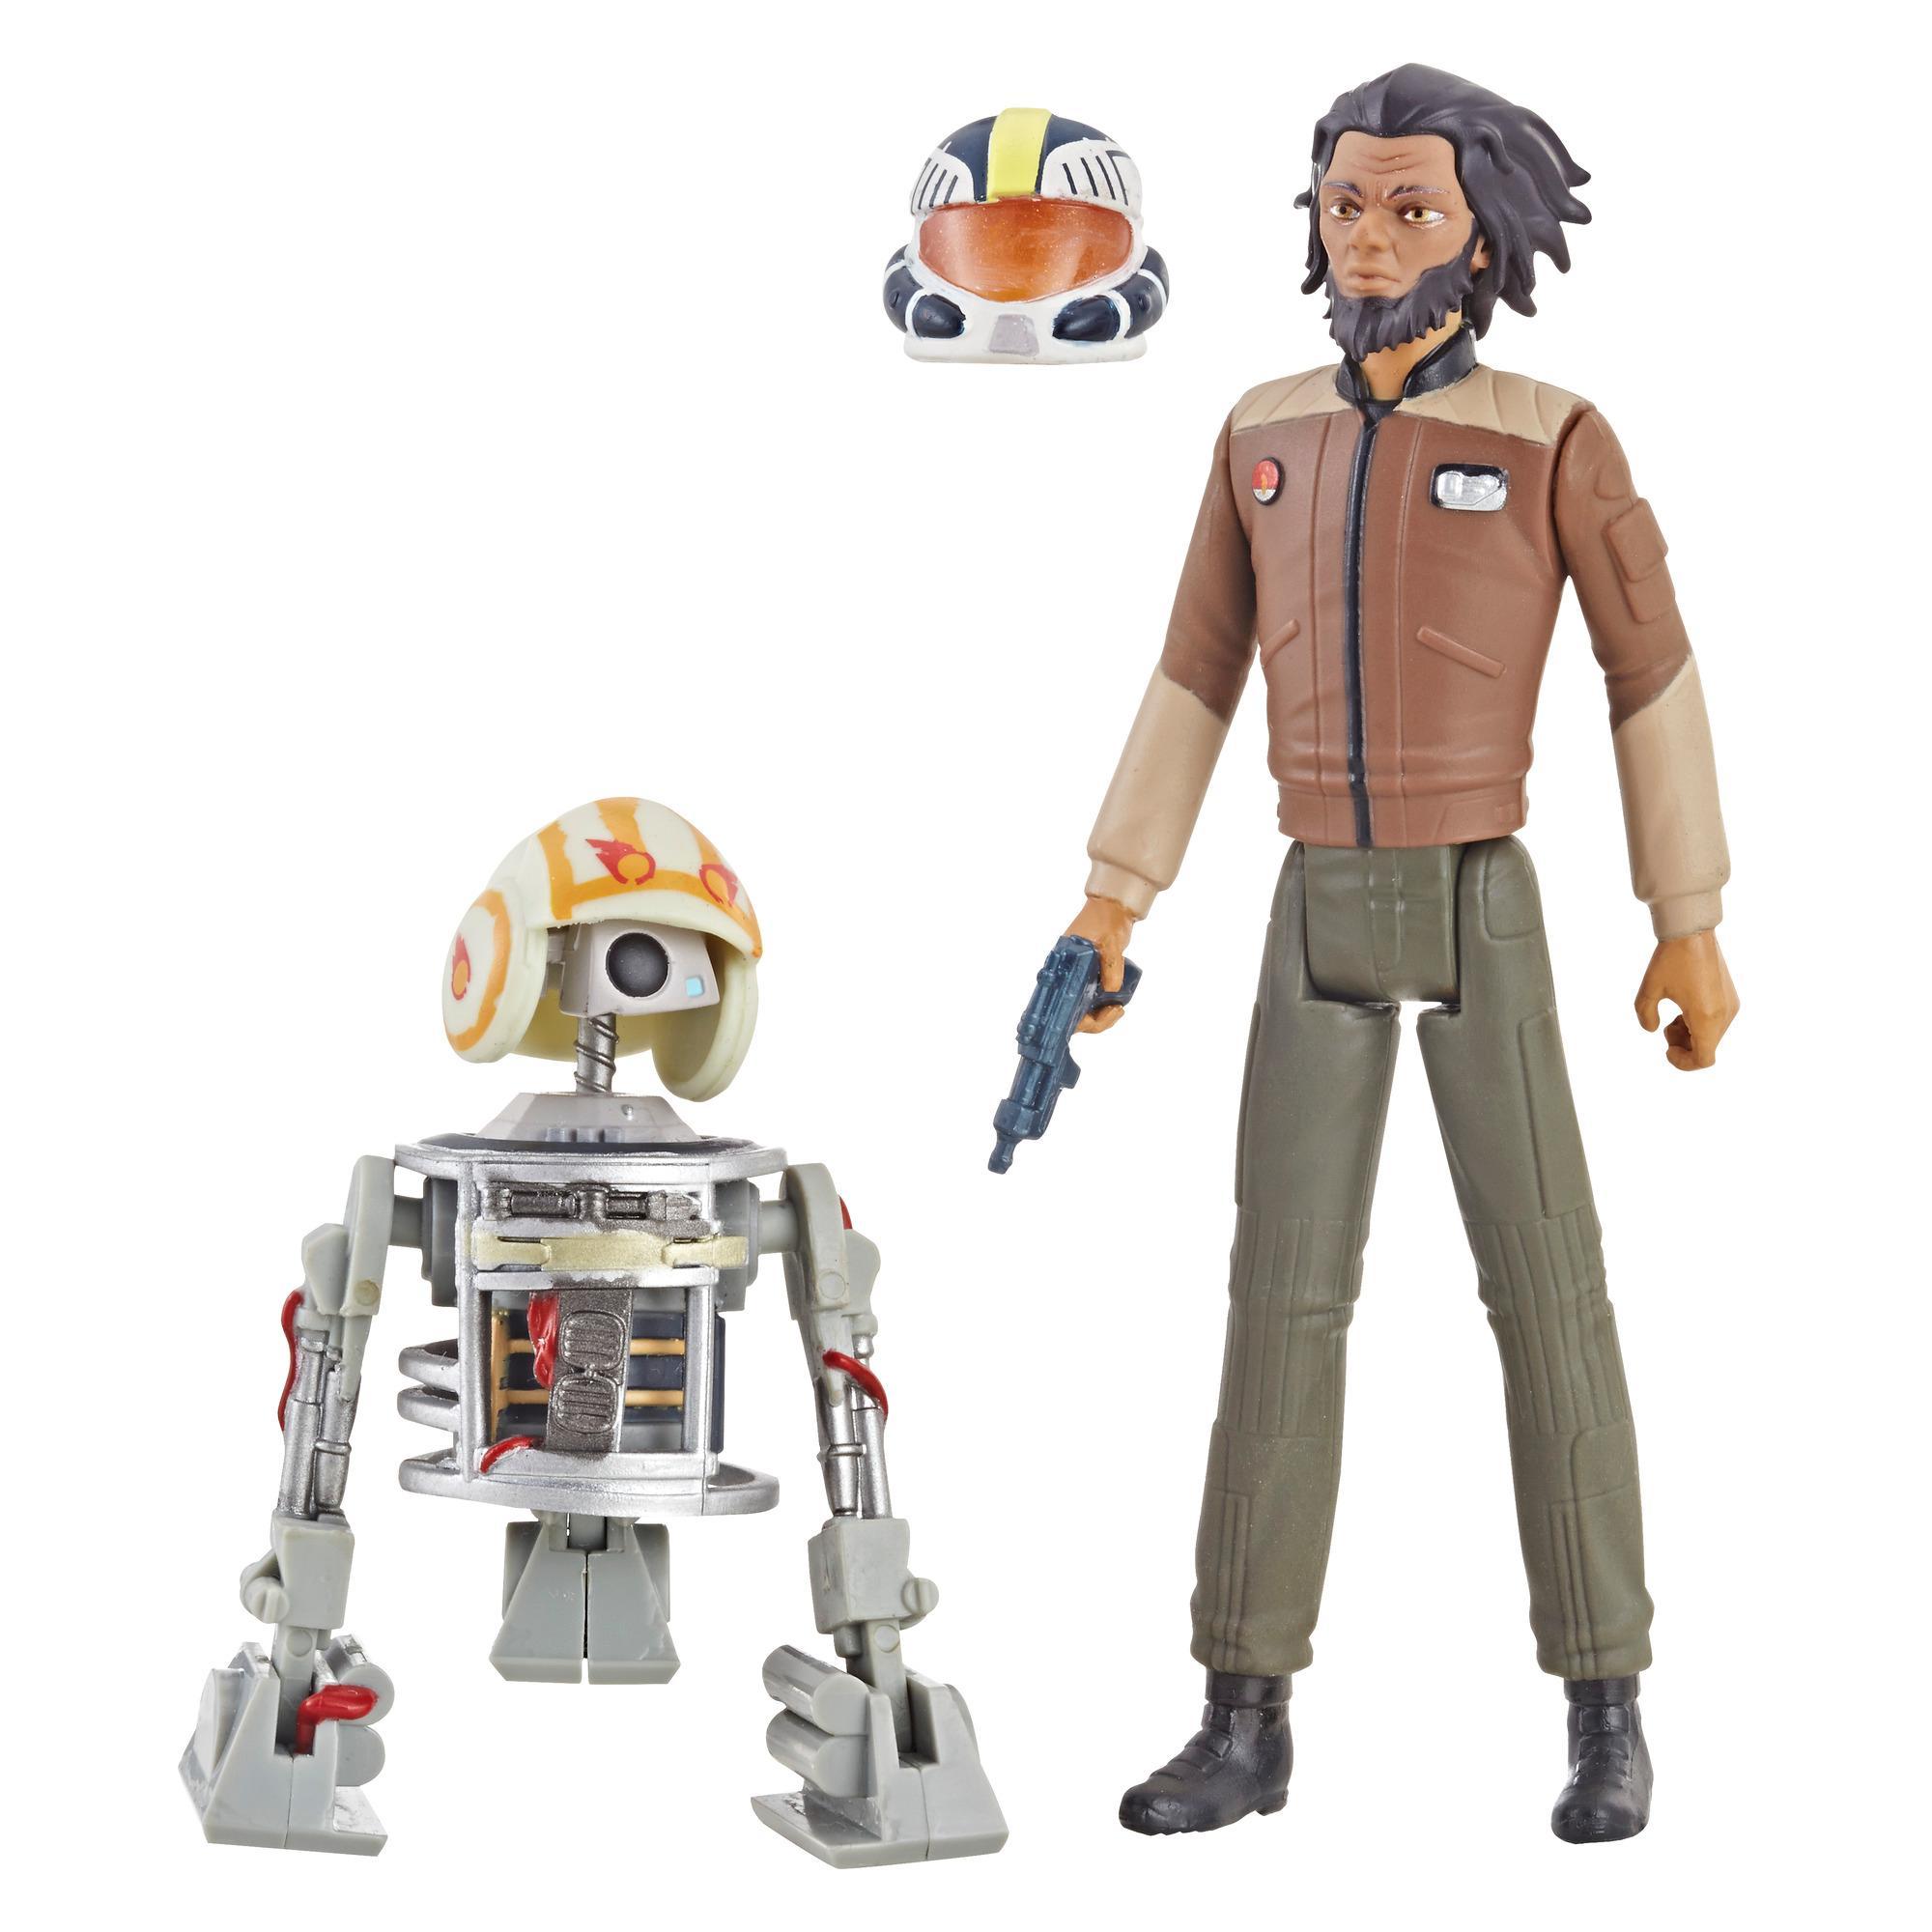 Star Wars Resistance Deluxe Figur Jarek Yeager